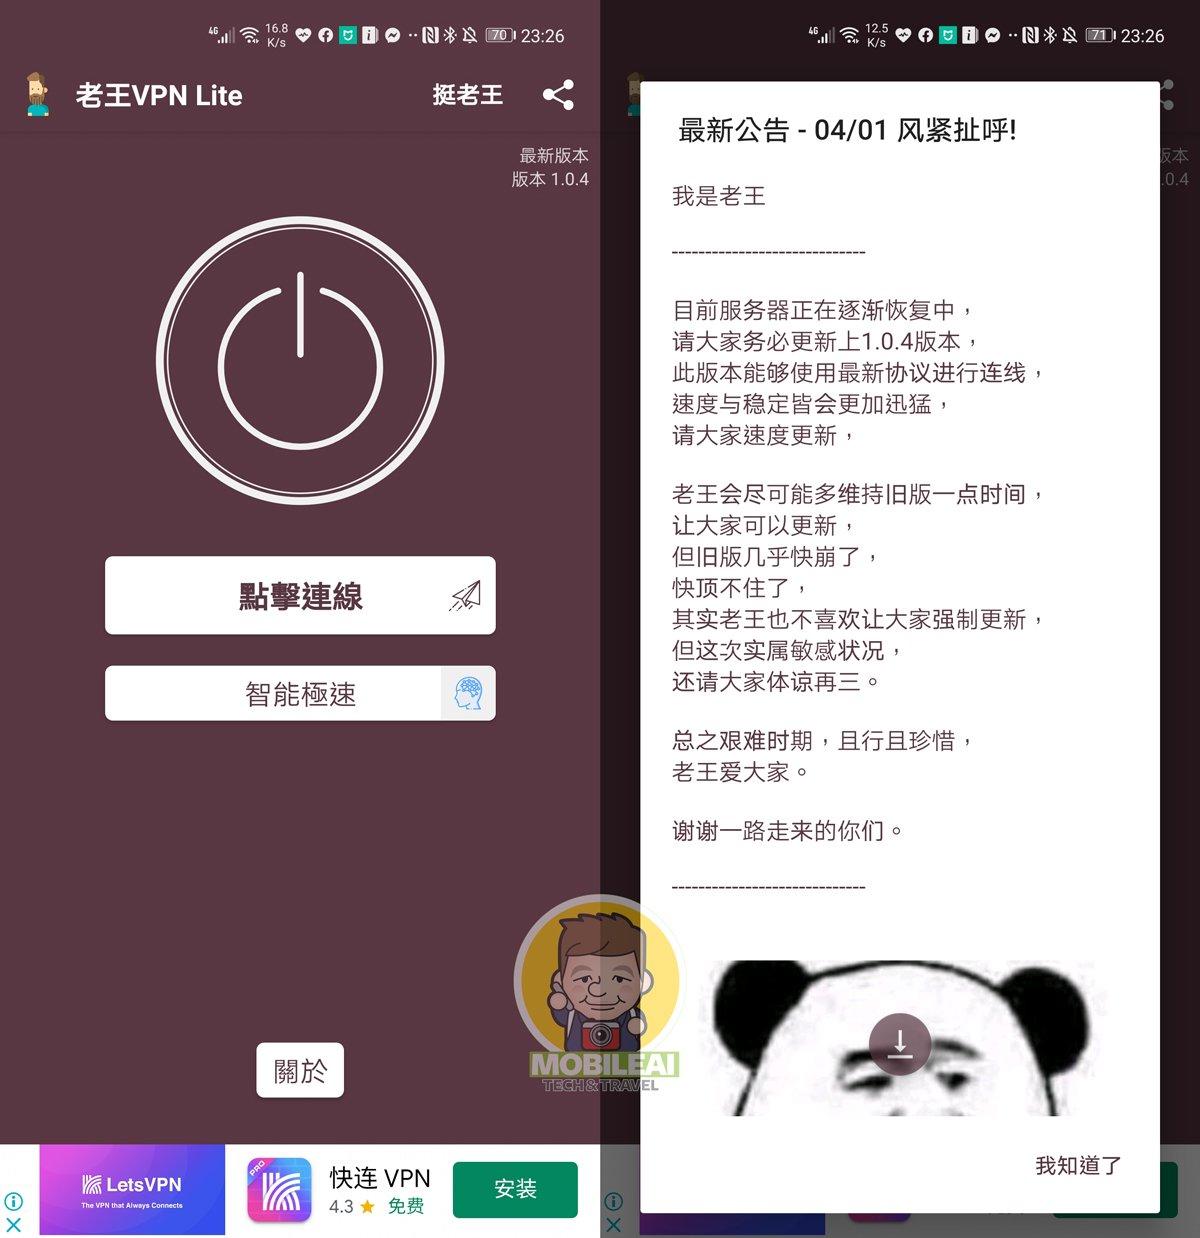 老王VPN Lite 1.0.4 APK